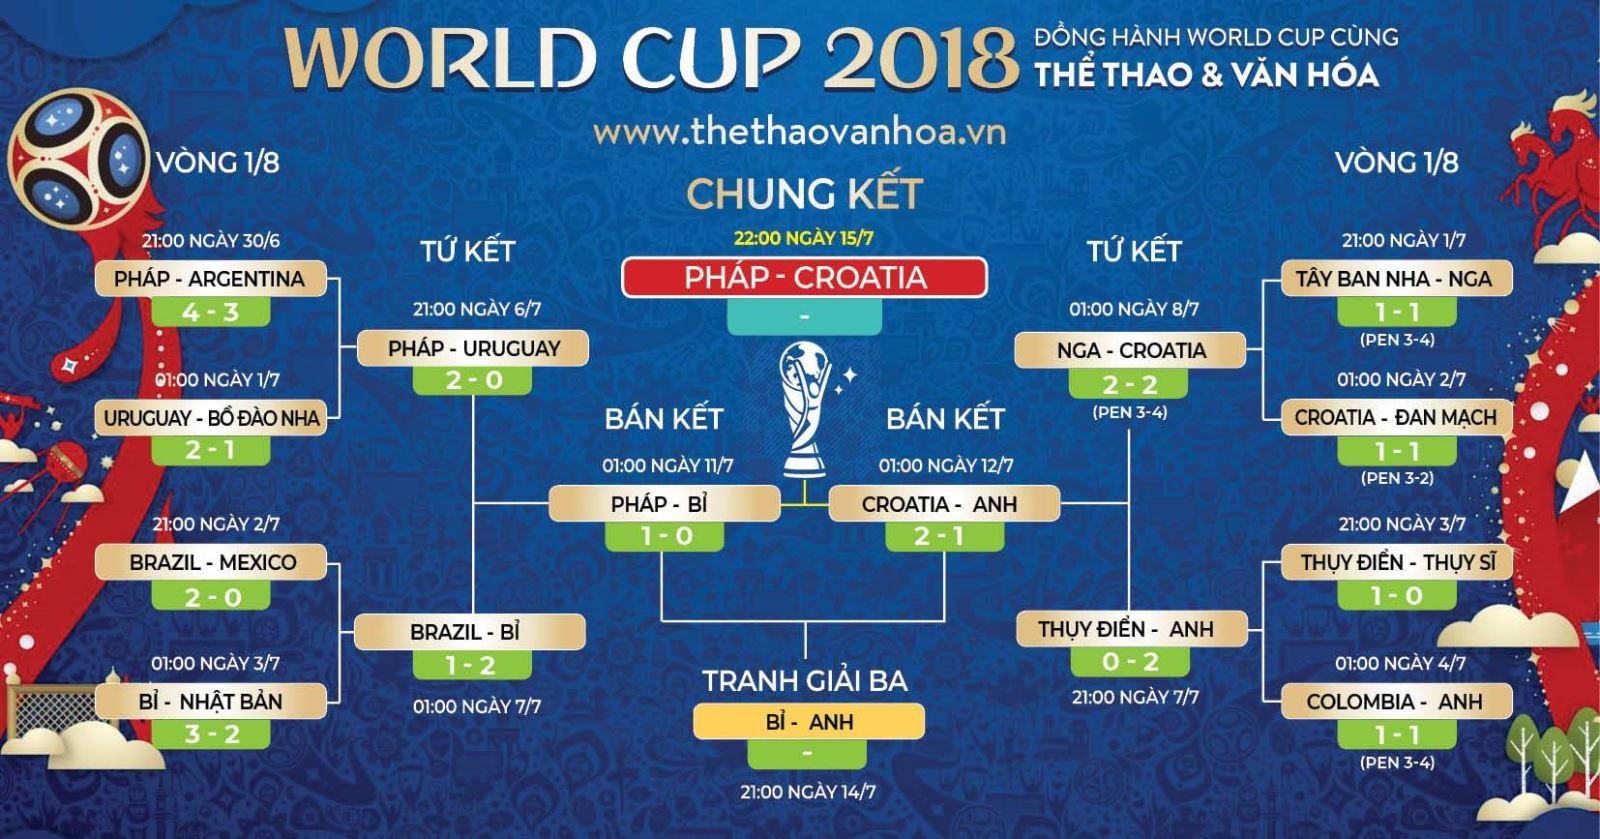 Lịch thi đấu World Cup 2018, Lịch Chung kết Pháp vs Croatia, tranh hạng Ba, Kèo Pháp vs Croatia, Soi kèo Pháp vs Croatia, Kèo Bỉ vs Anh, VTV6 trực tiếp, trực tiếp bóng đá